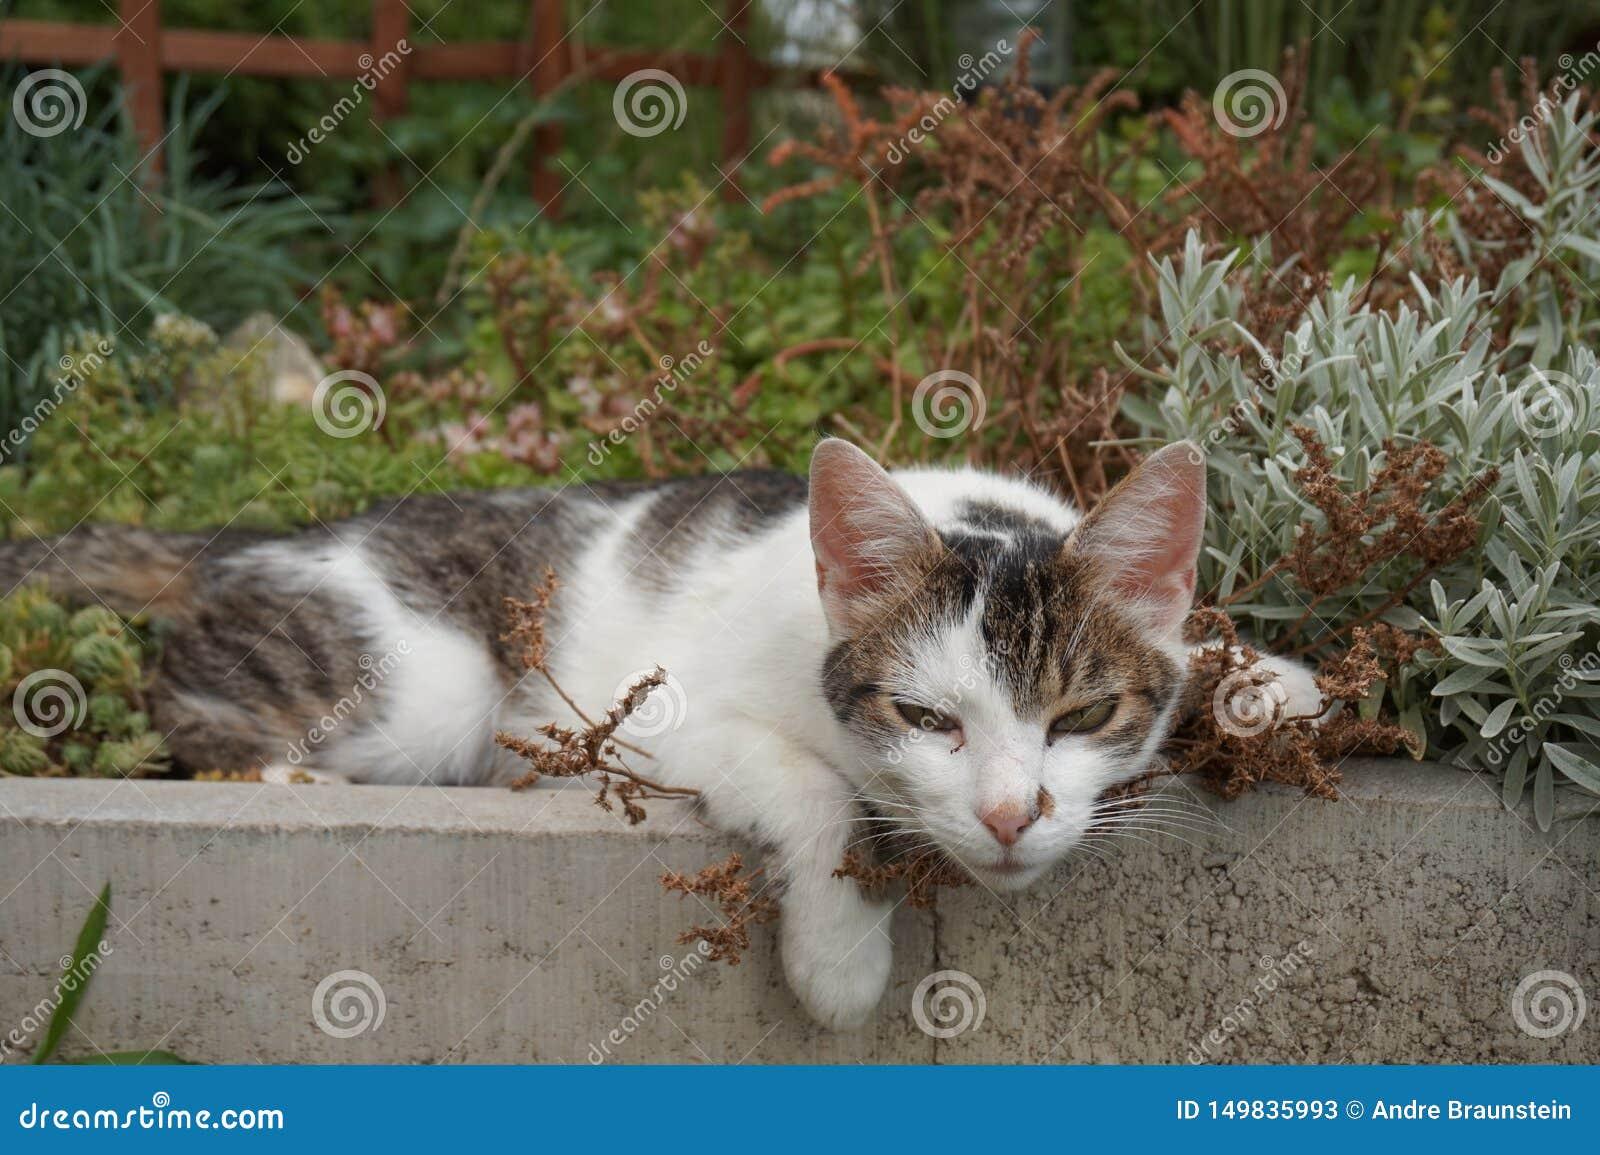 Nette Katze liegt in einem Blumenbeet und völlig entspannt